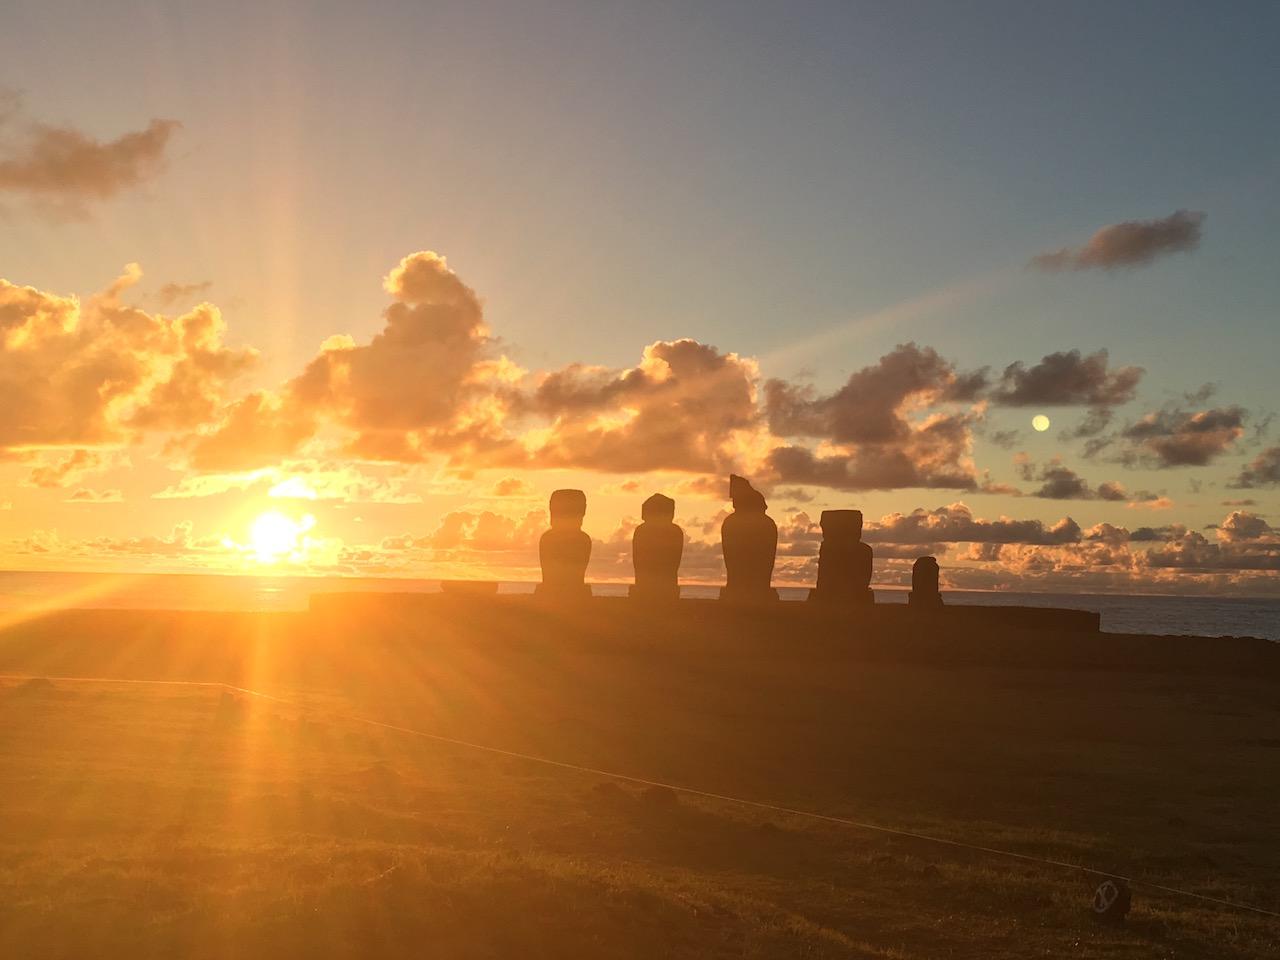 Ahu Tahai Sonnenuntergang